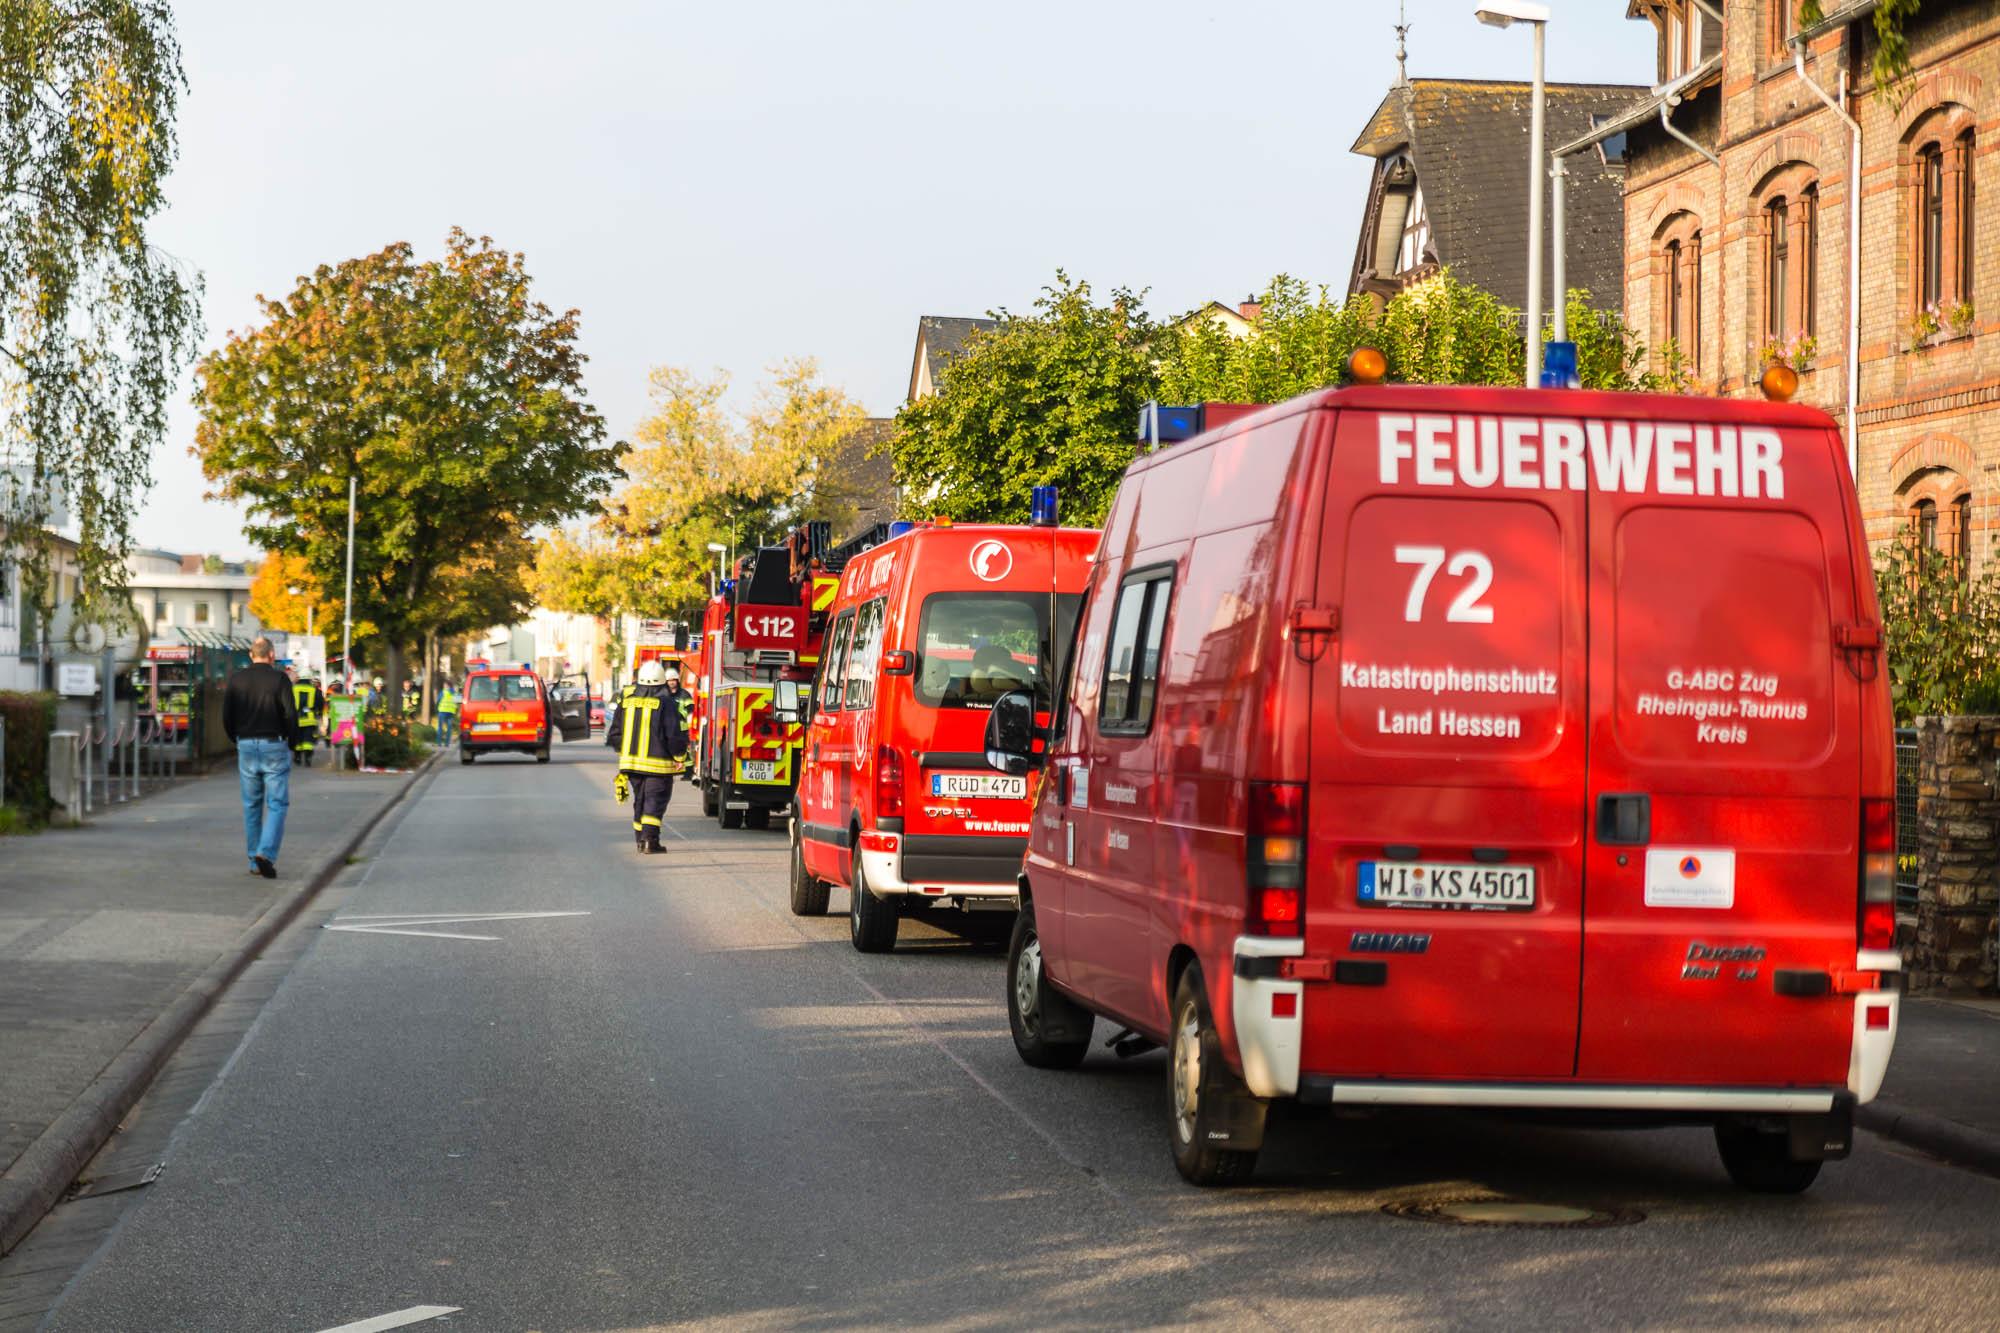 Koepp Einsatz Oestrich 23.09.2017